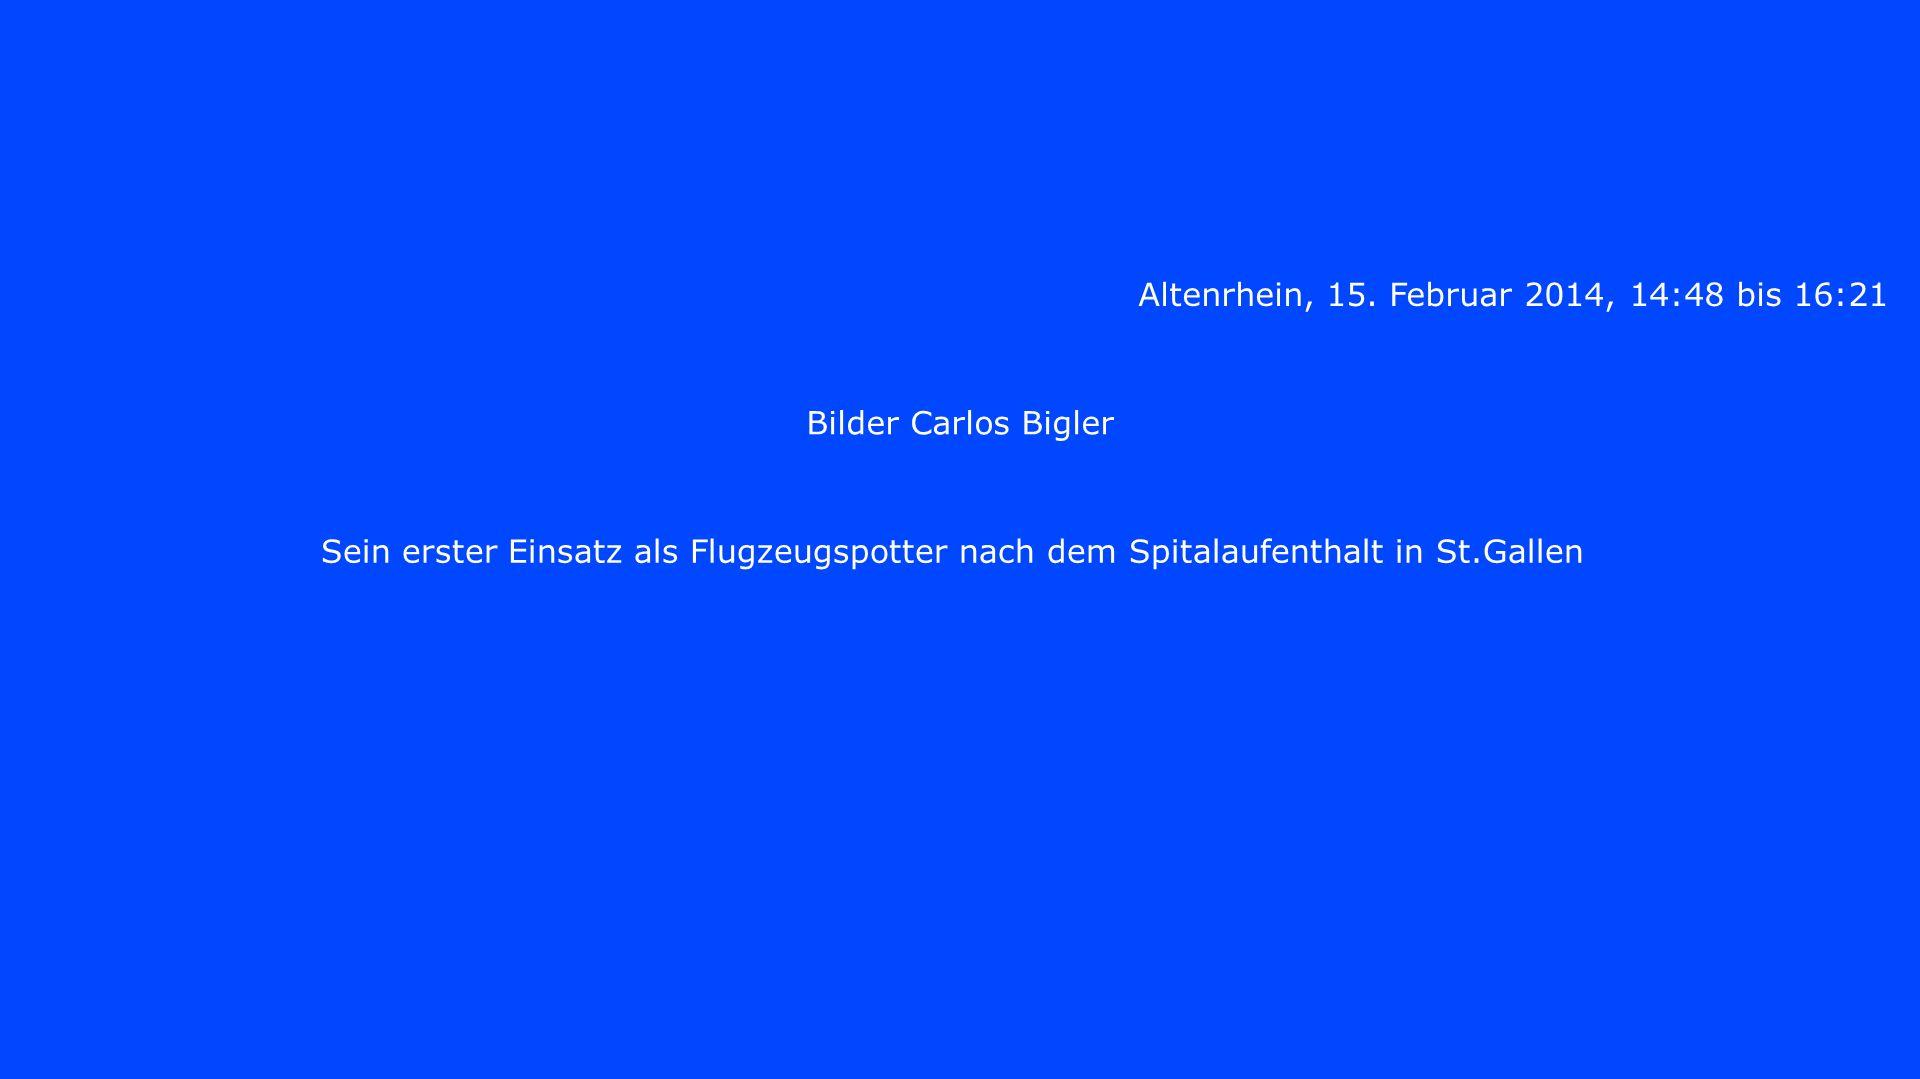 Altenrhein, 15.